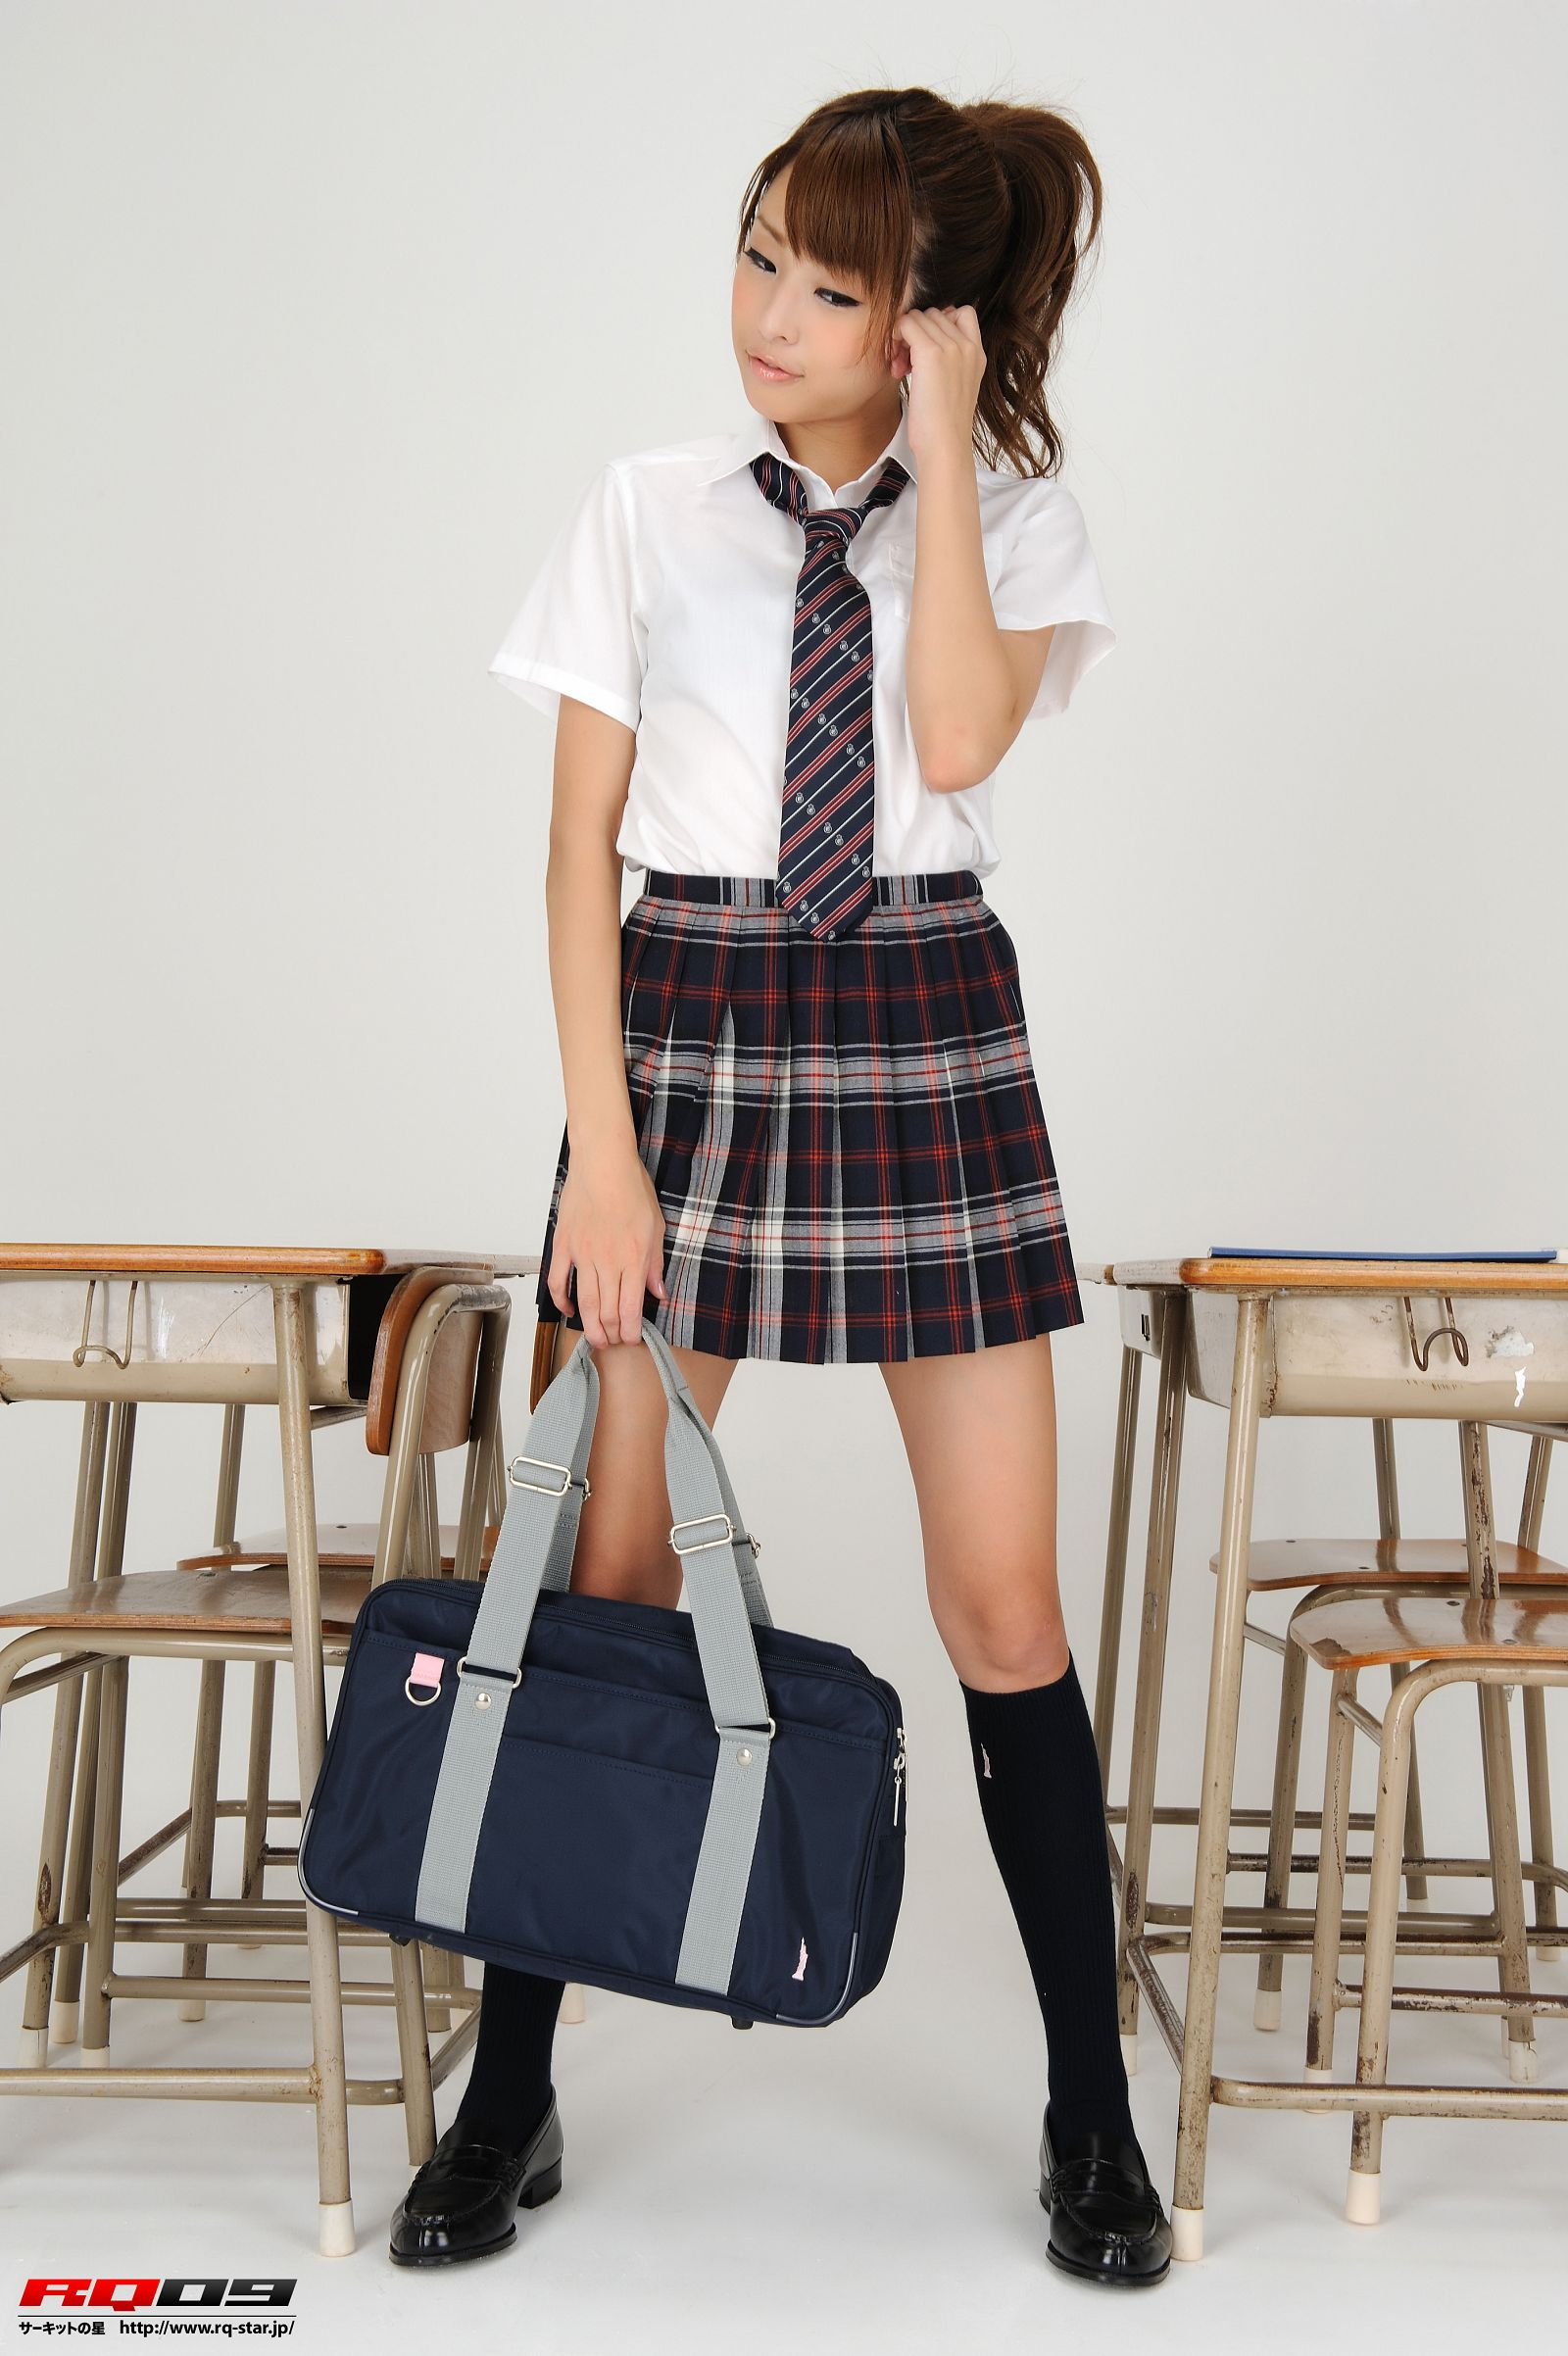 [RQ STAR美女] NO.0184 Mirei Kurosawa 鼪g美怜 Student Style[100P] RQ STAR 第1张